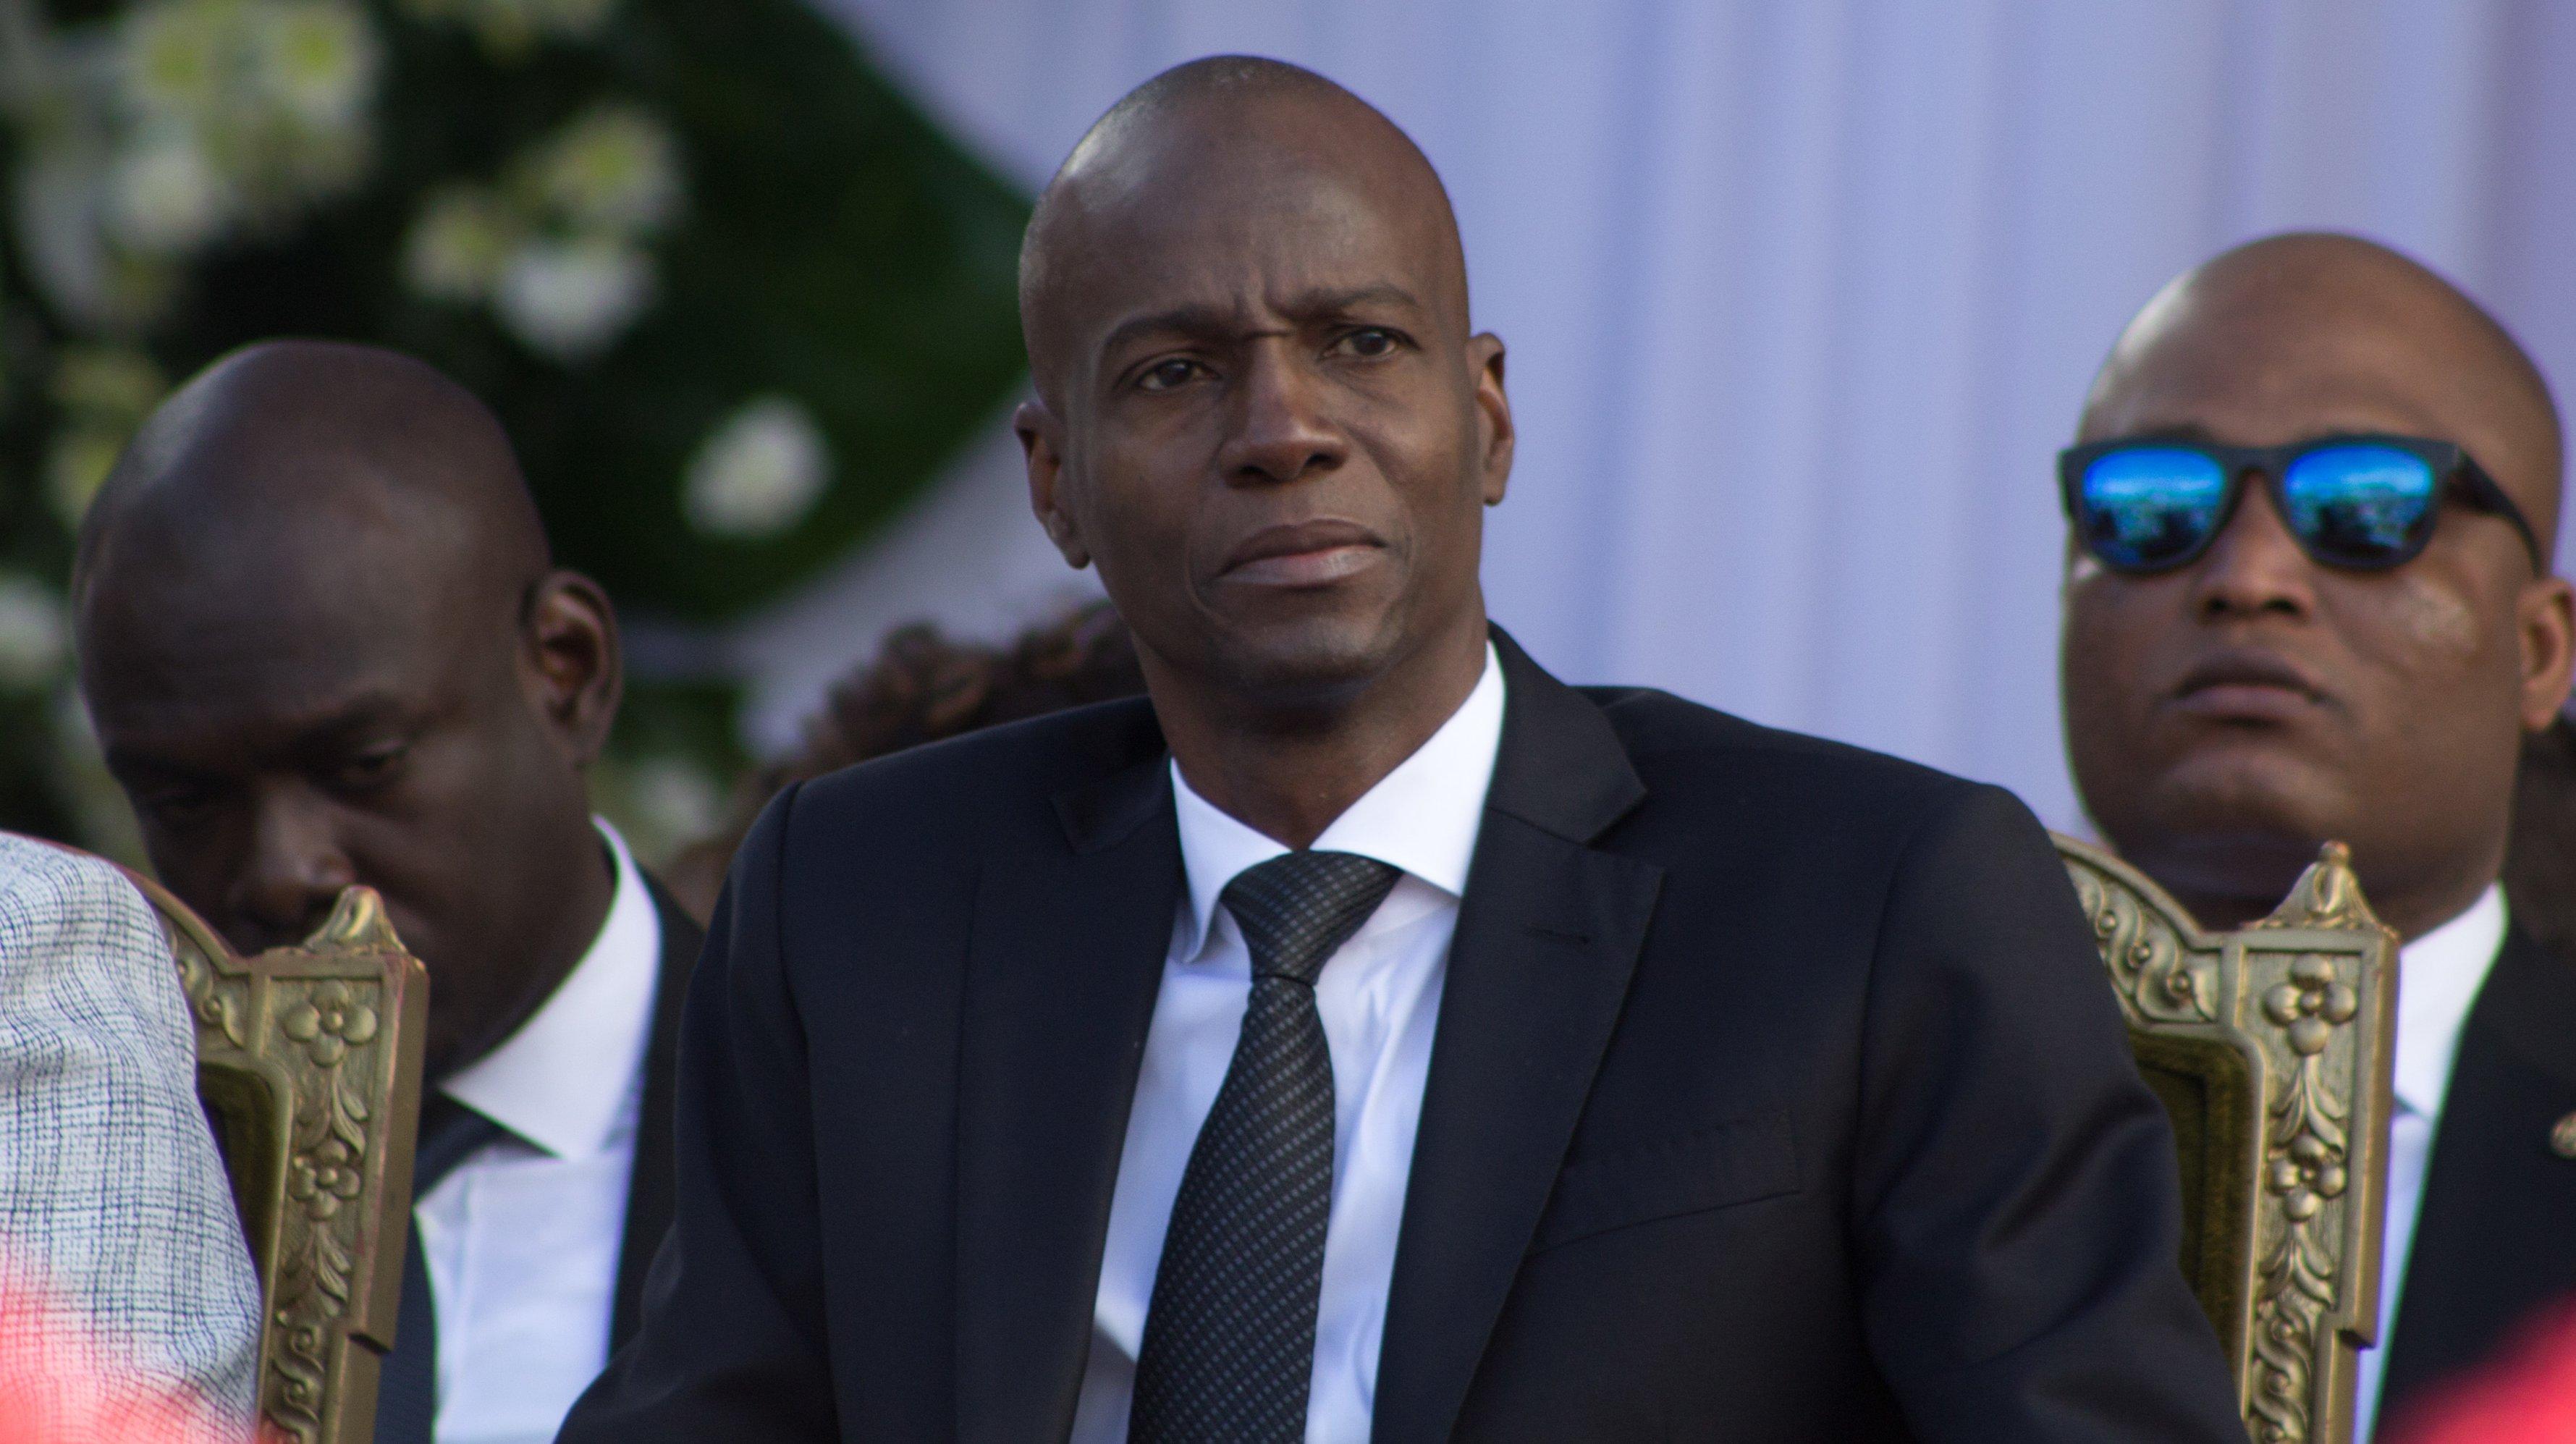 Funeral of former President of Haiti Rene Preval